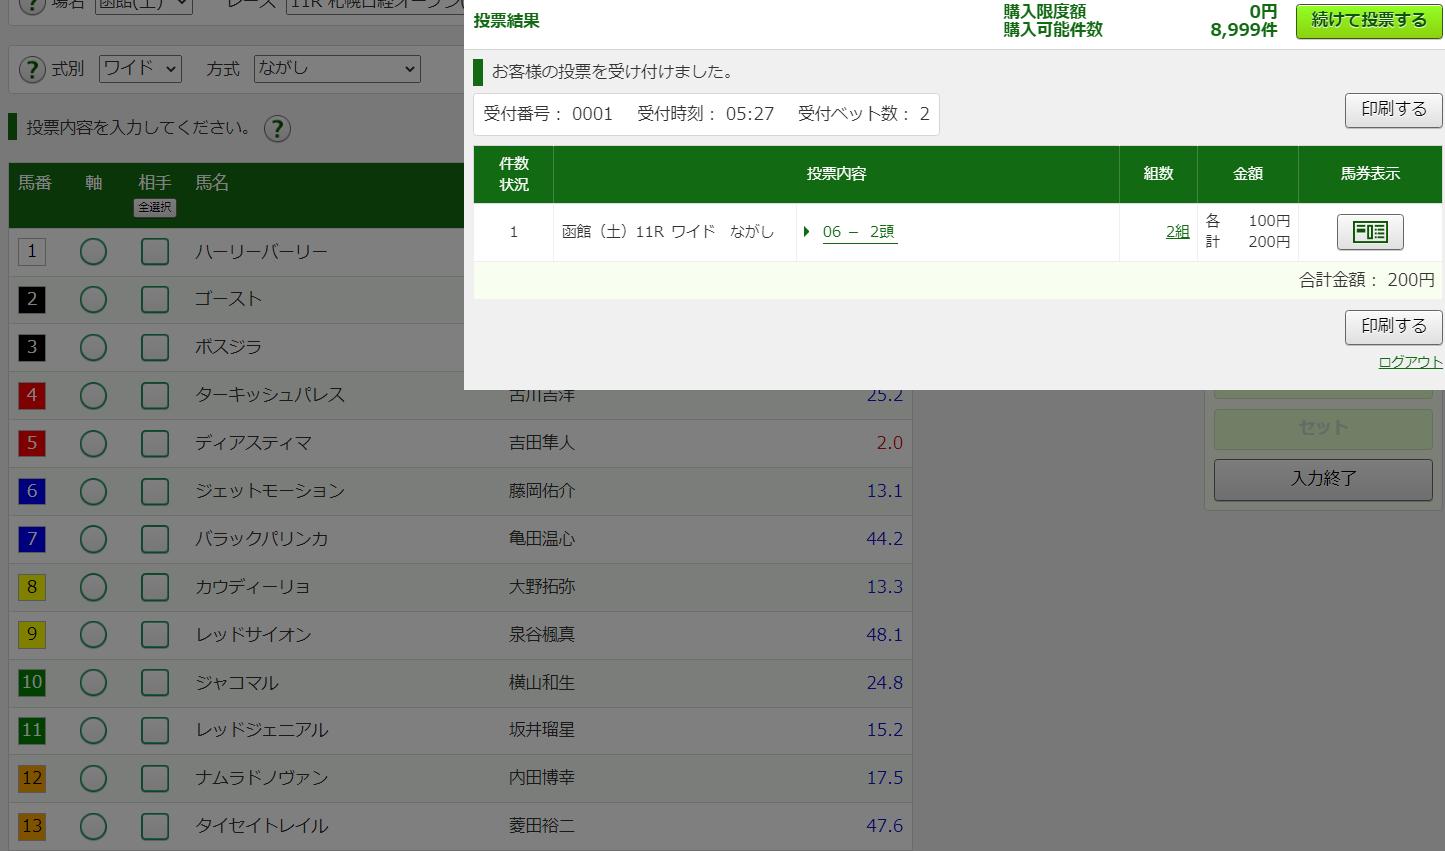 2021-08-07函館11R札幌日経オープンジェットモーション-ディアスティマ、ジャコマル.png